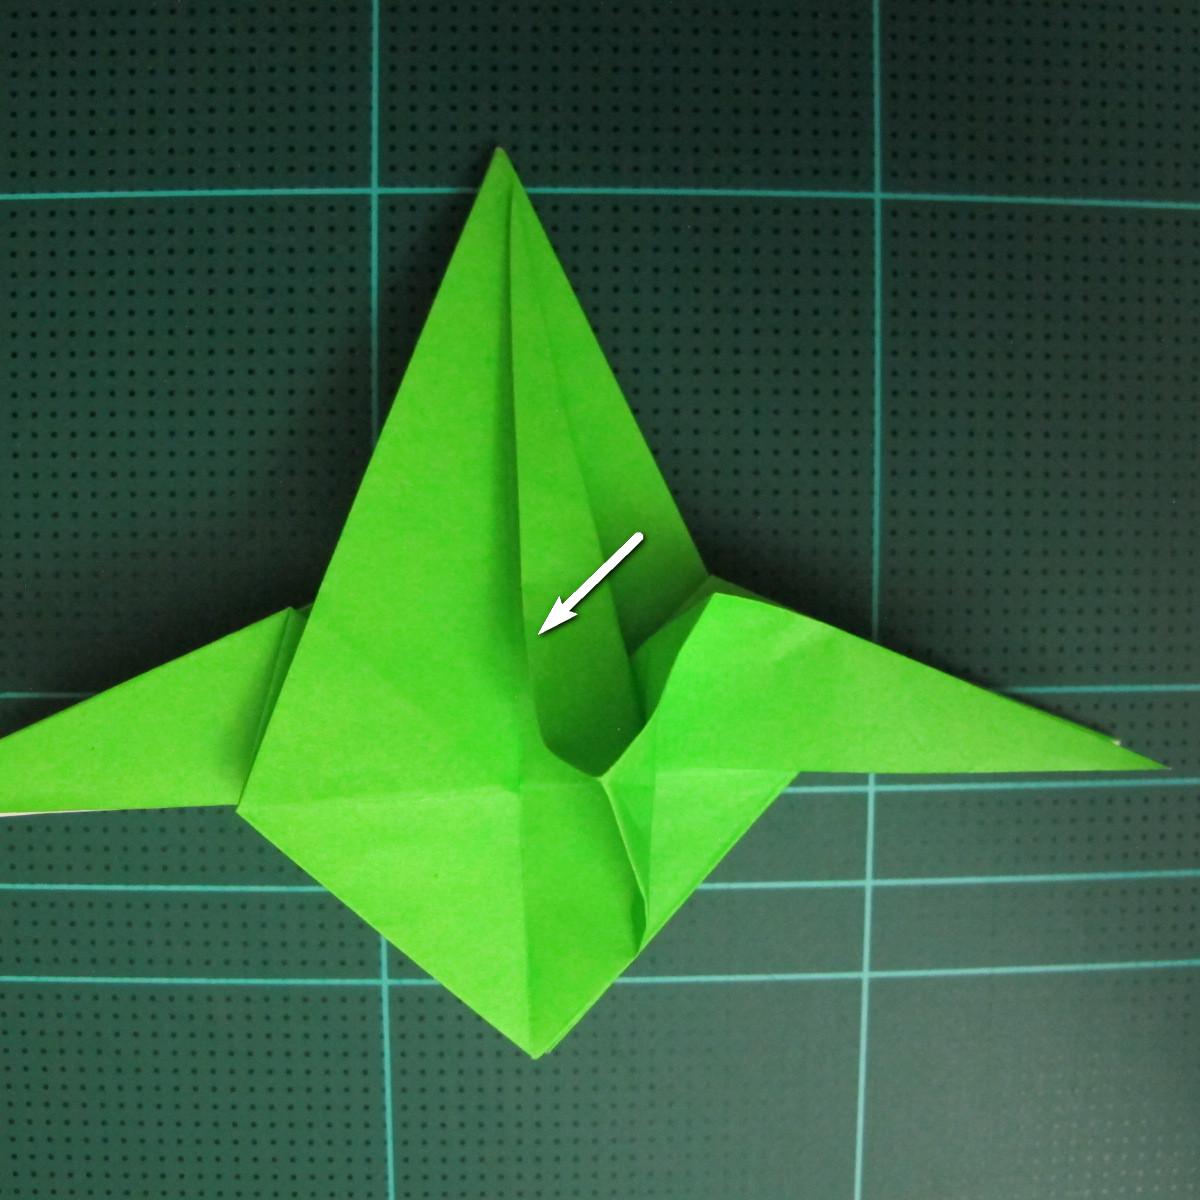 วิธีพับกระดาษเป็นจรวด X-WING สตาร์วอร์ (Origami X-WING) 026